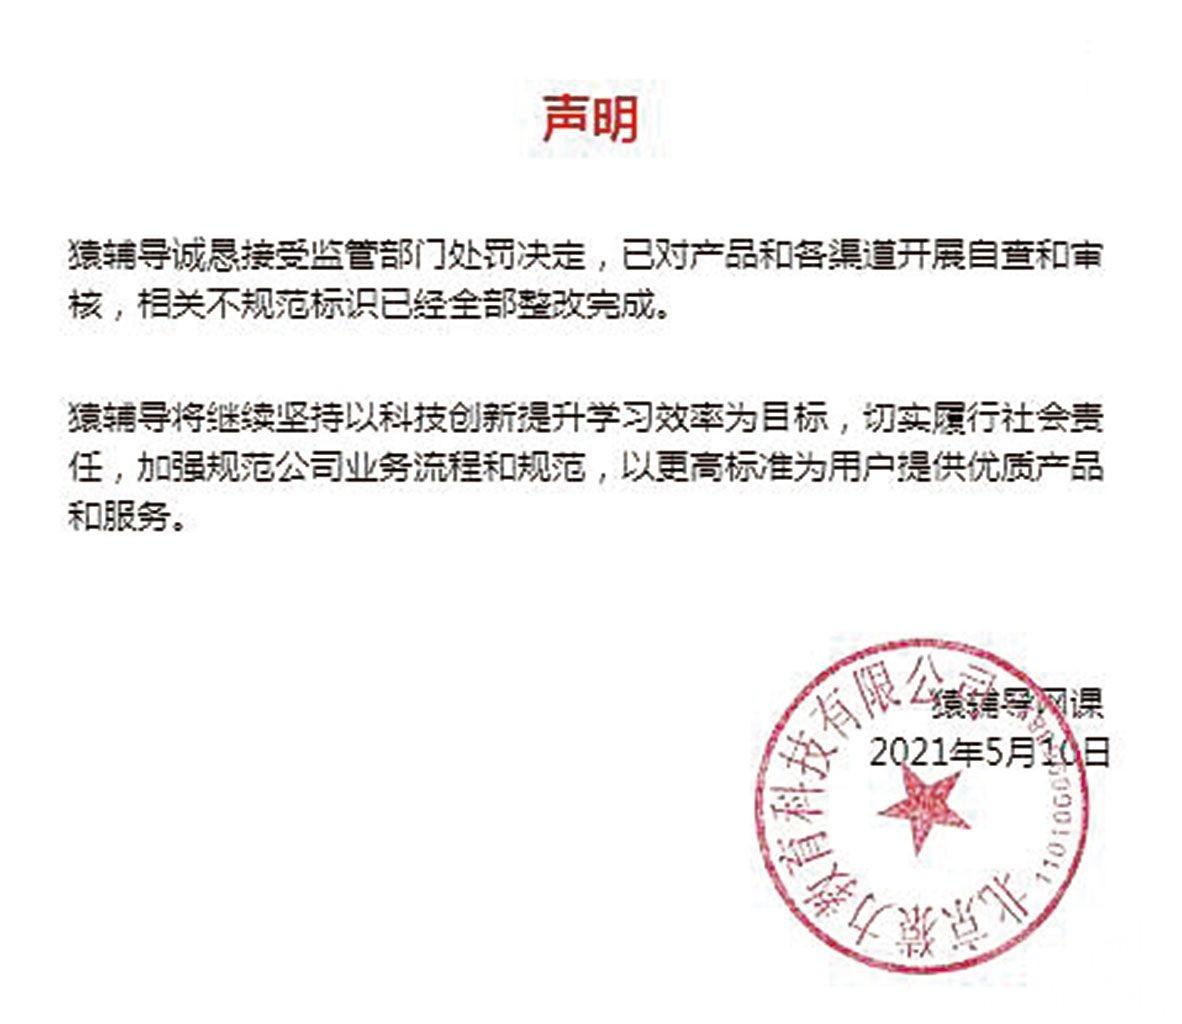 兩大線上教育平台遭監管部門頂格罰款 250 萬